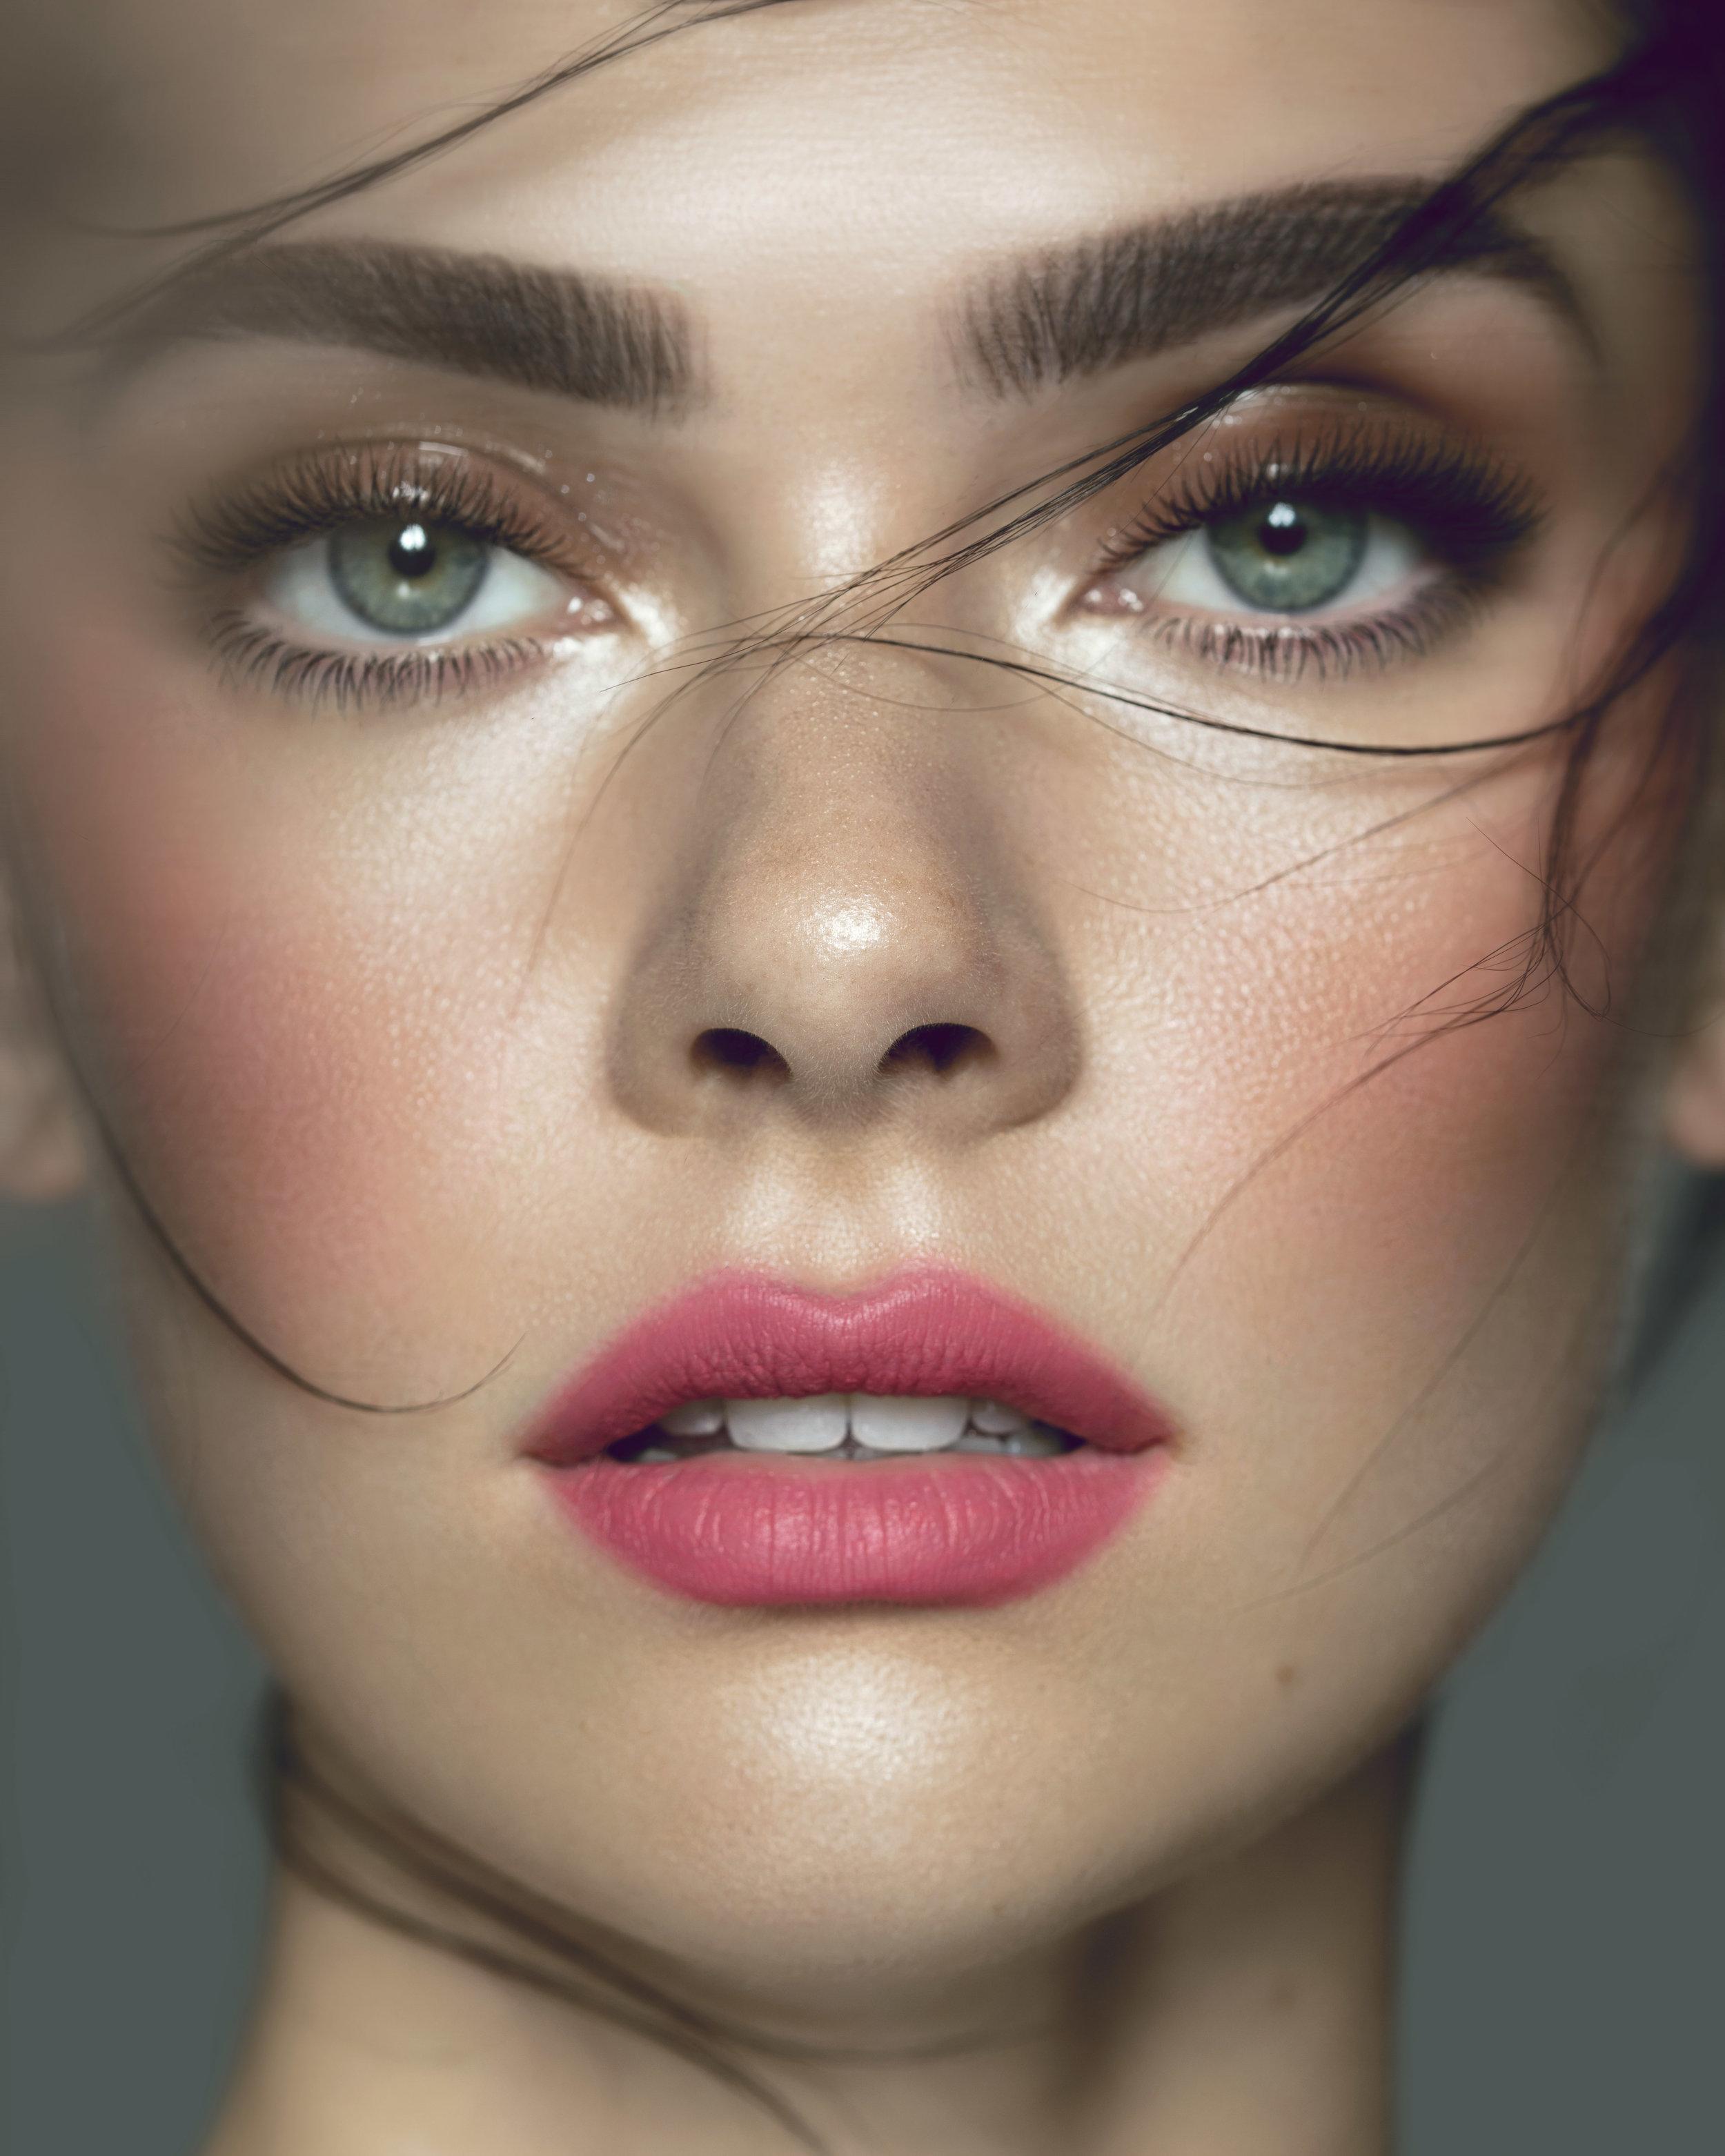 Jordan Liberty Makeup Artist